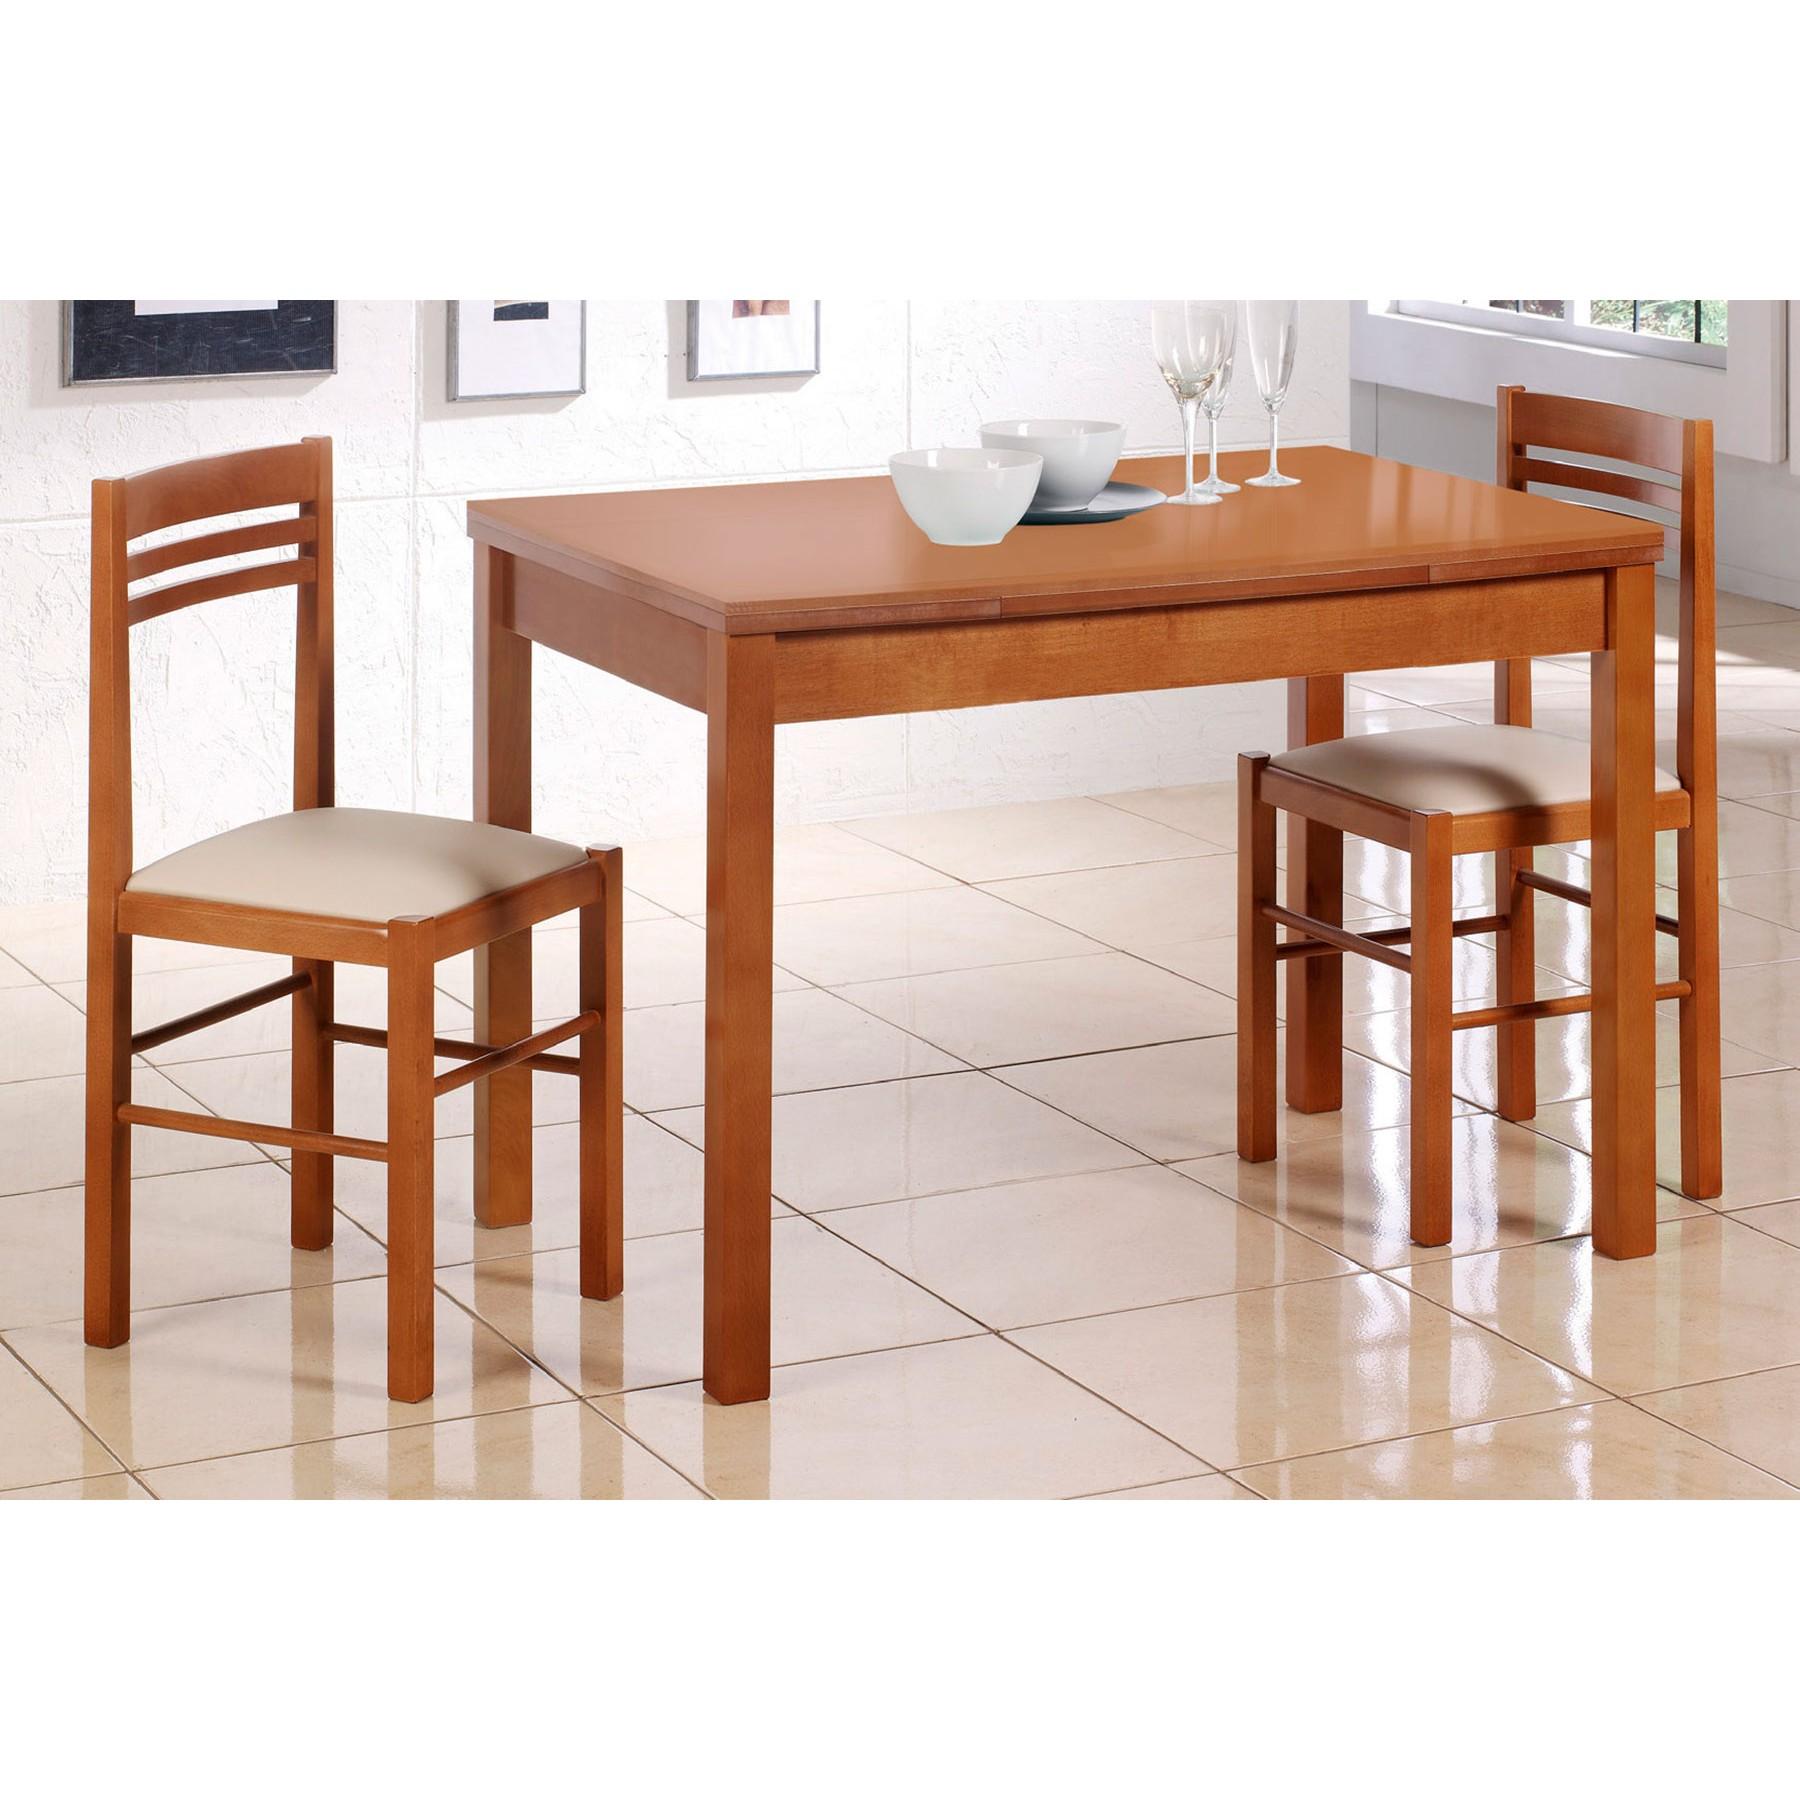 Mesa de cocina extensible en madera de cristal modelo naranja - Mesas para cocina extensibles ...